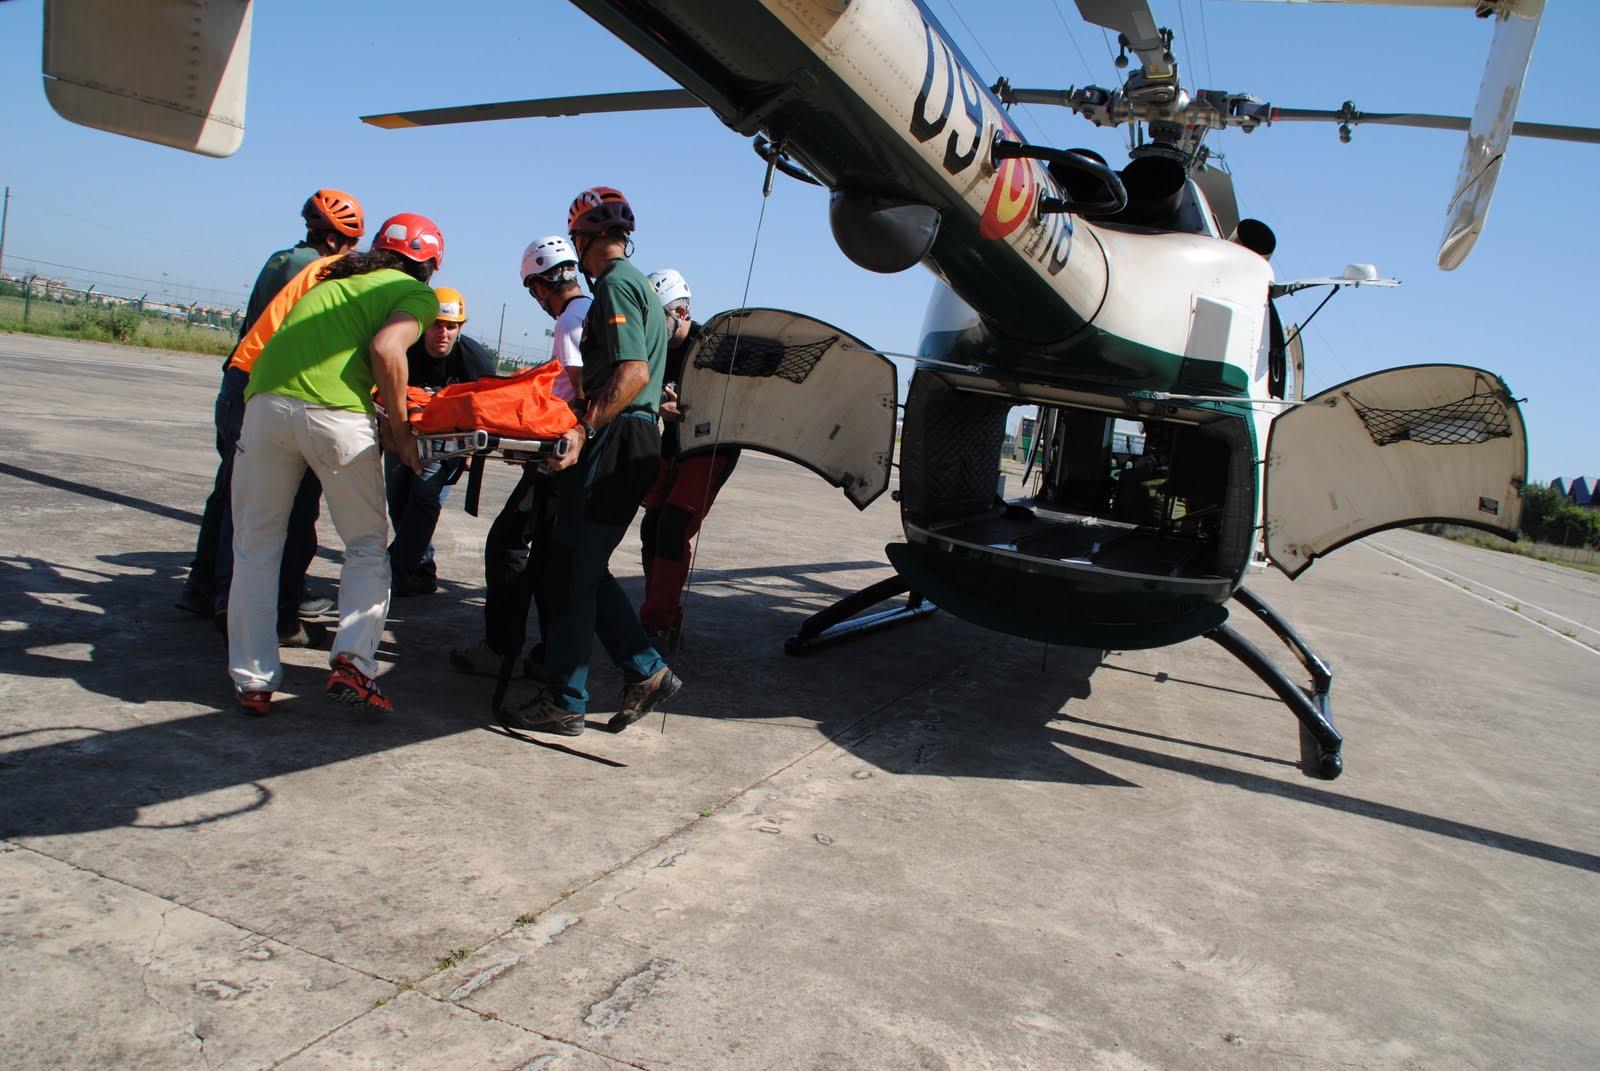 Práctica helicóptero